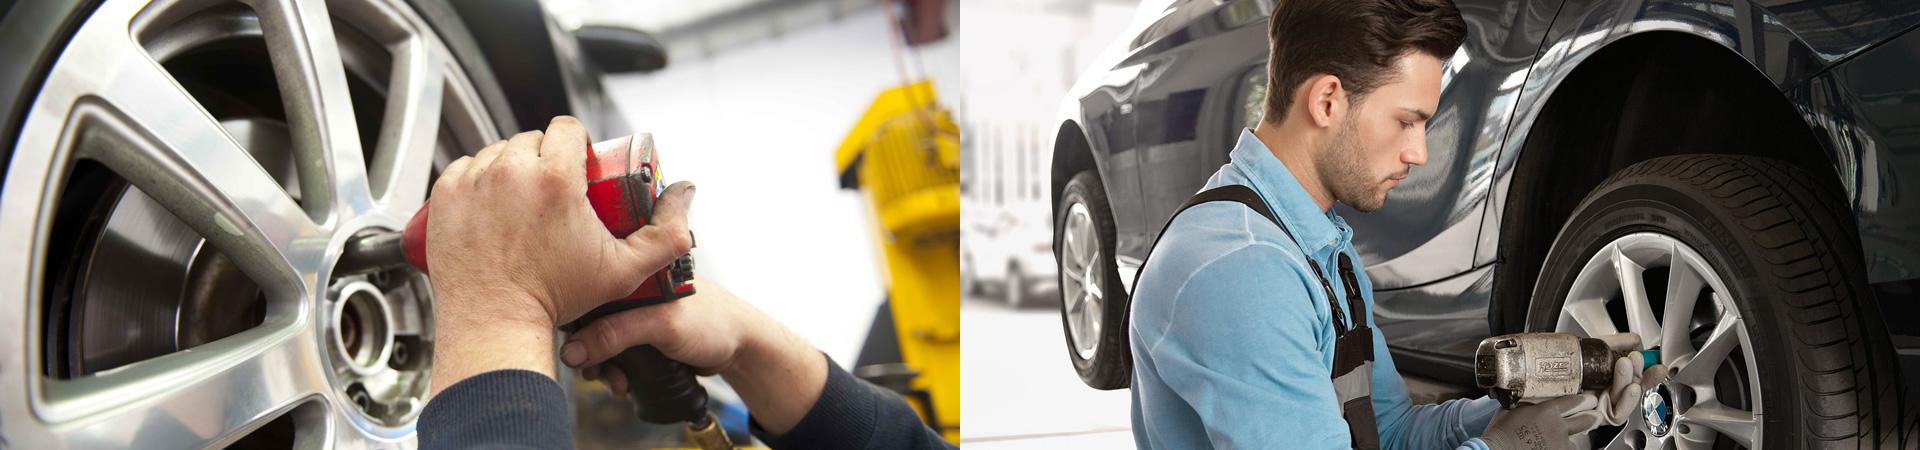 Foto di tecnico che sostituisce un pneumatico